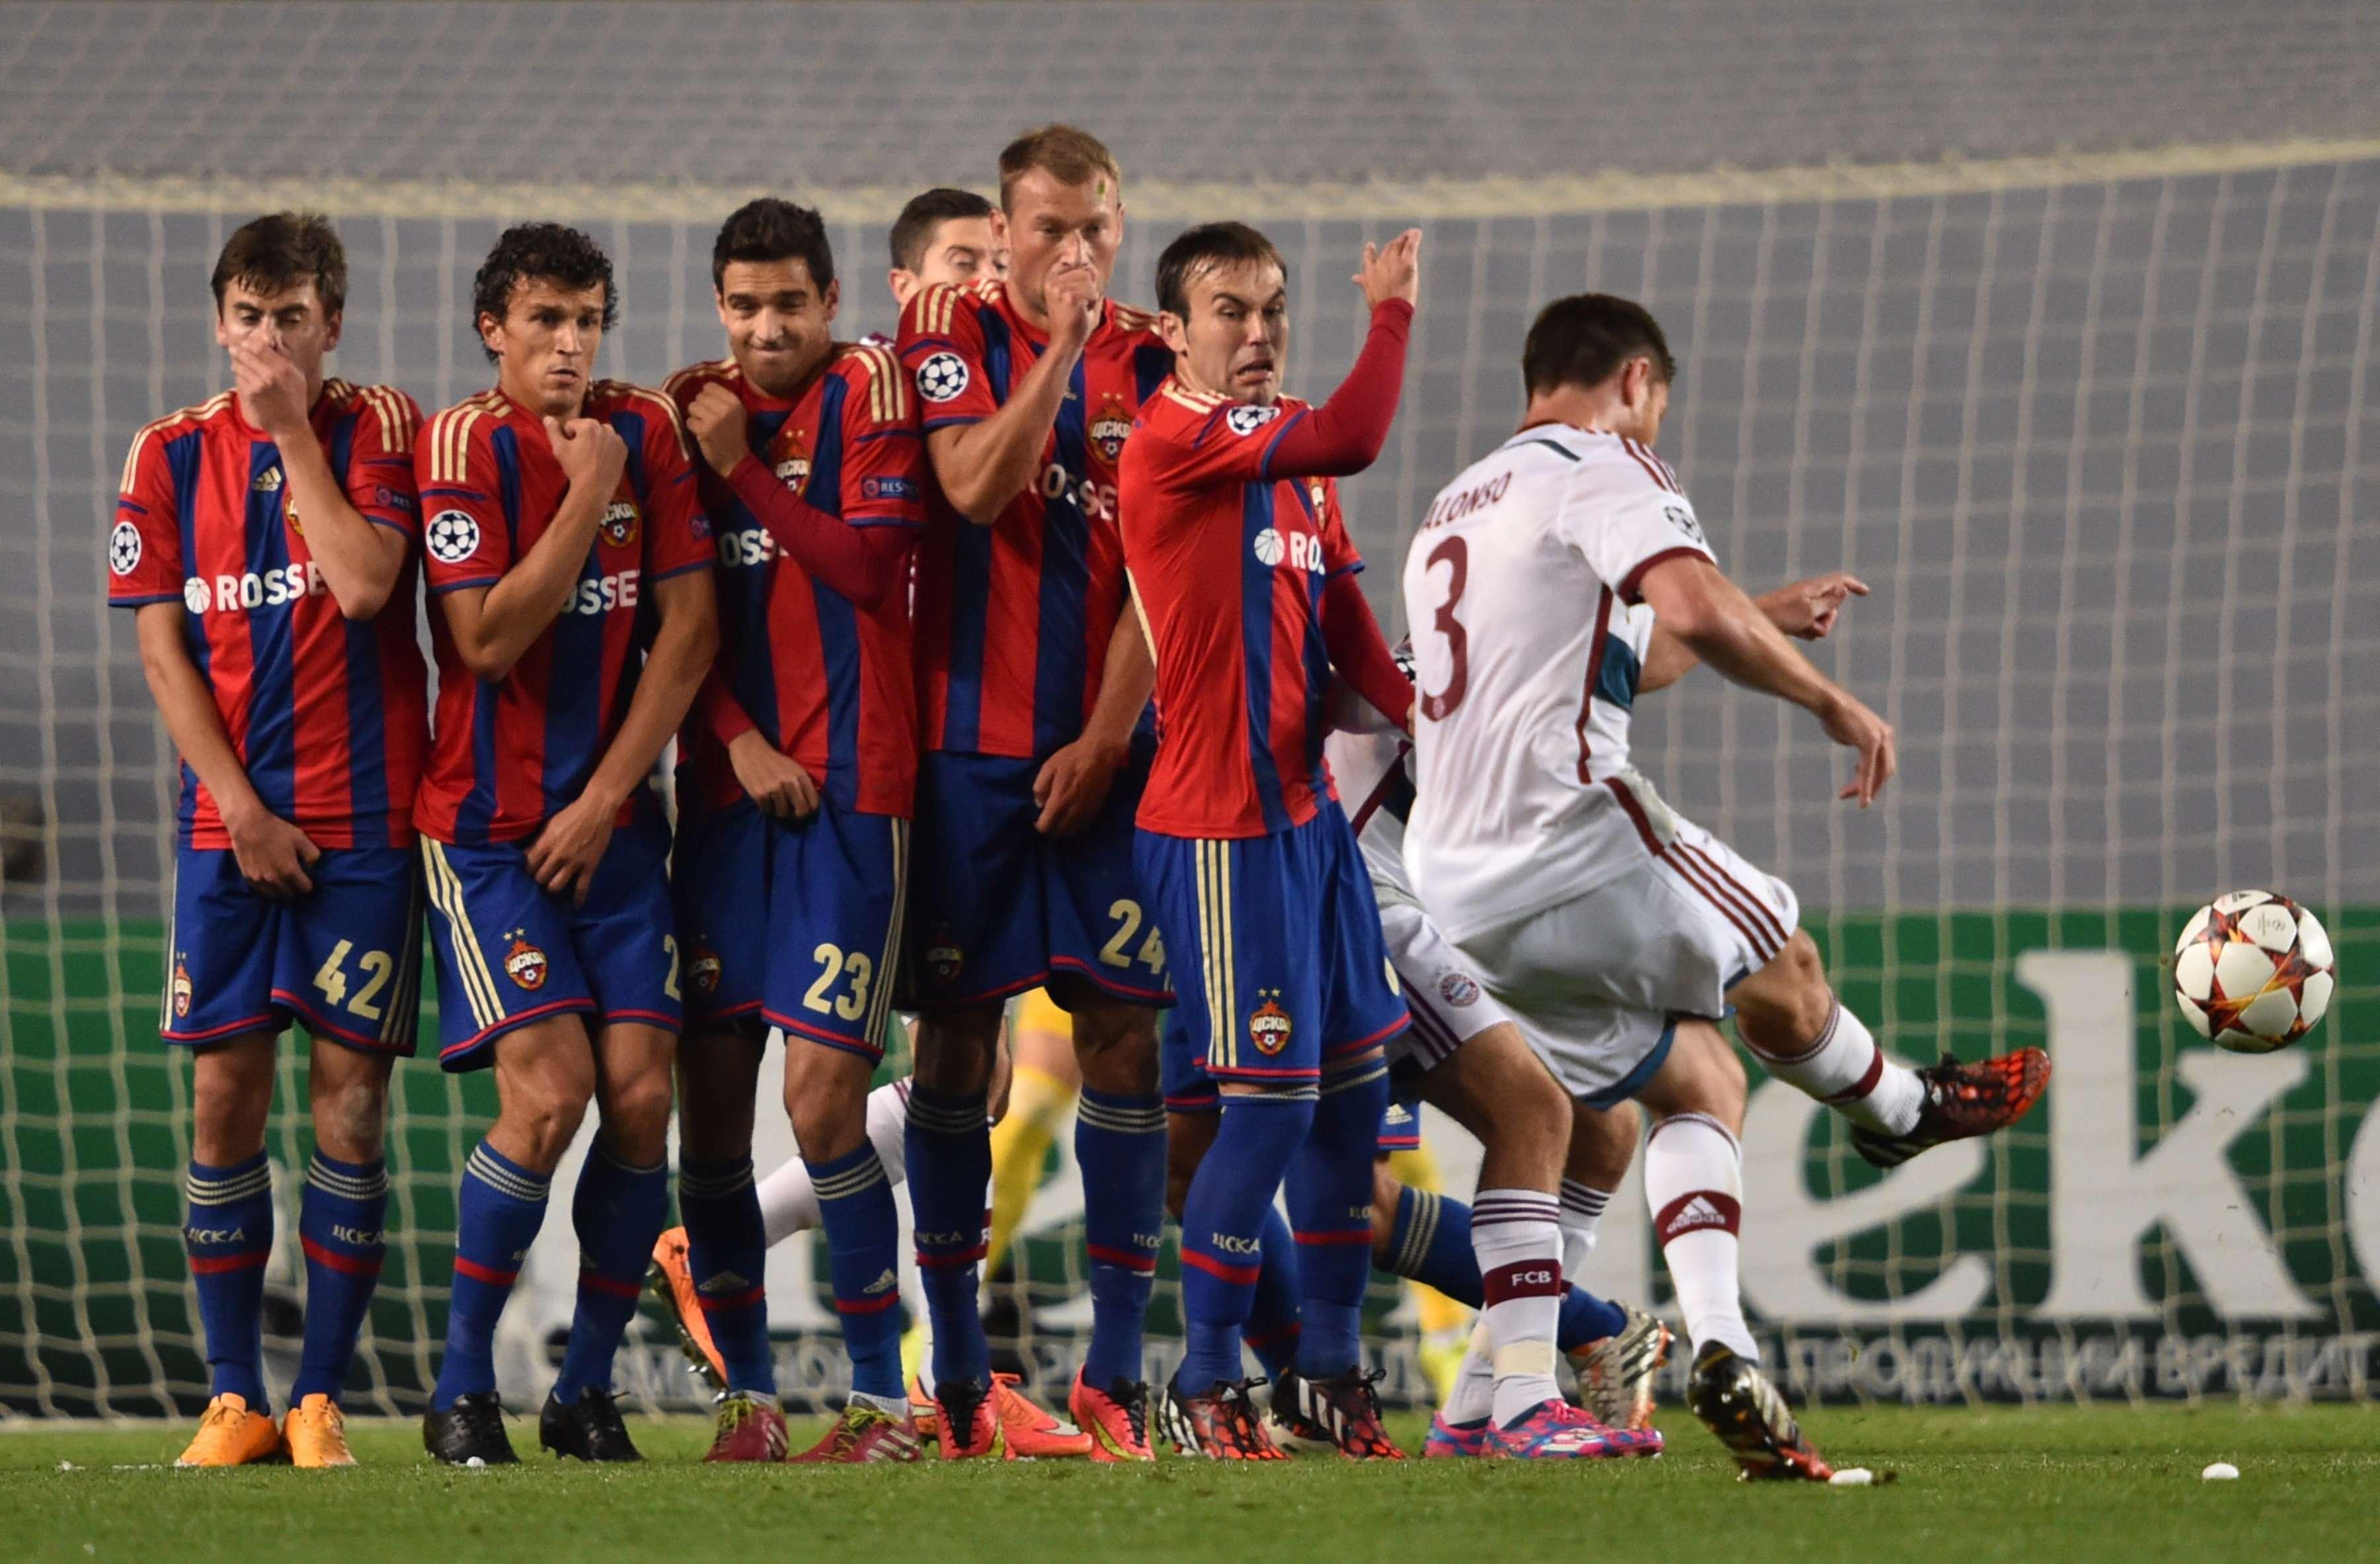 Xabi Alonso bate falta em duelo da Liga dos Campeões Foto: Kirill Kudryavtsev/AFP